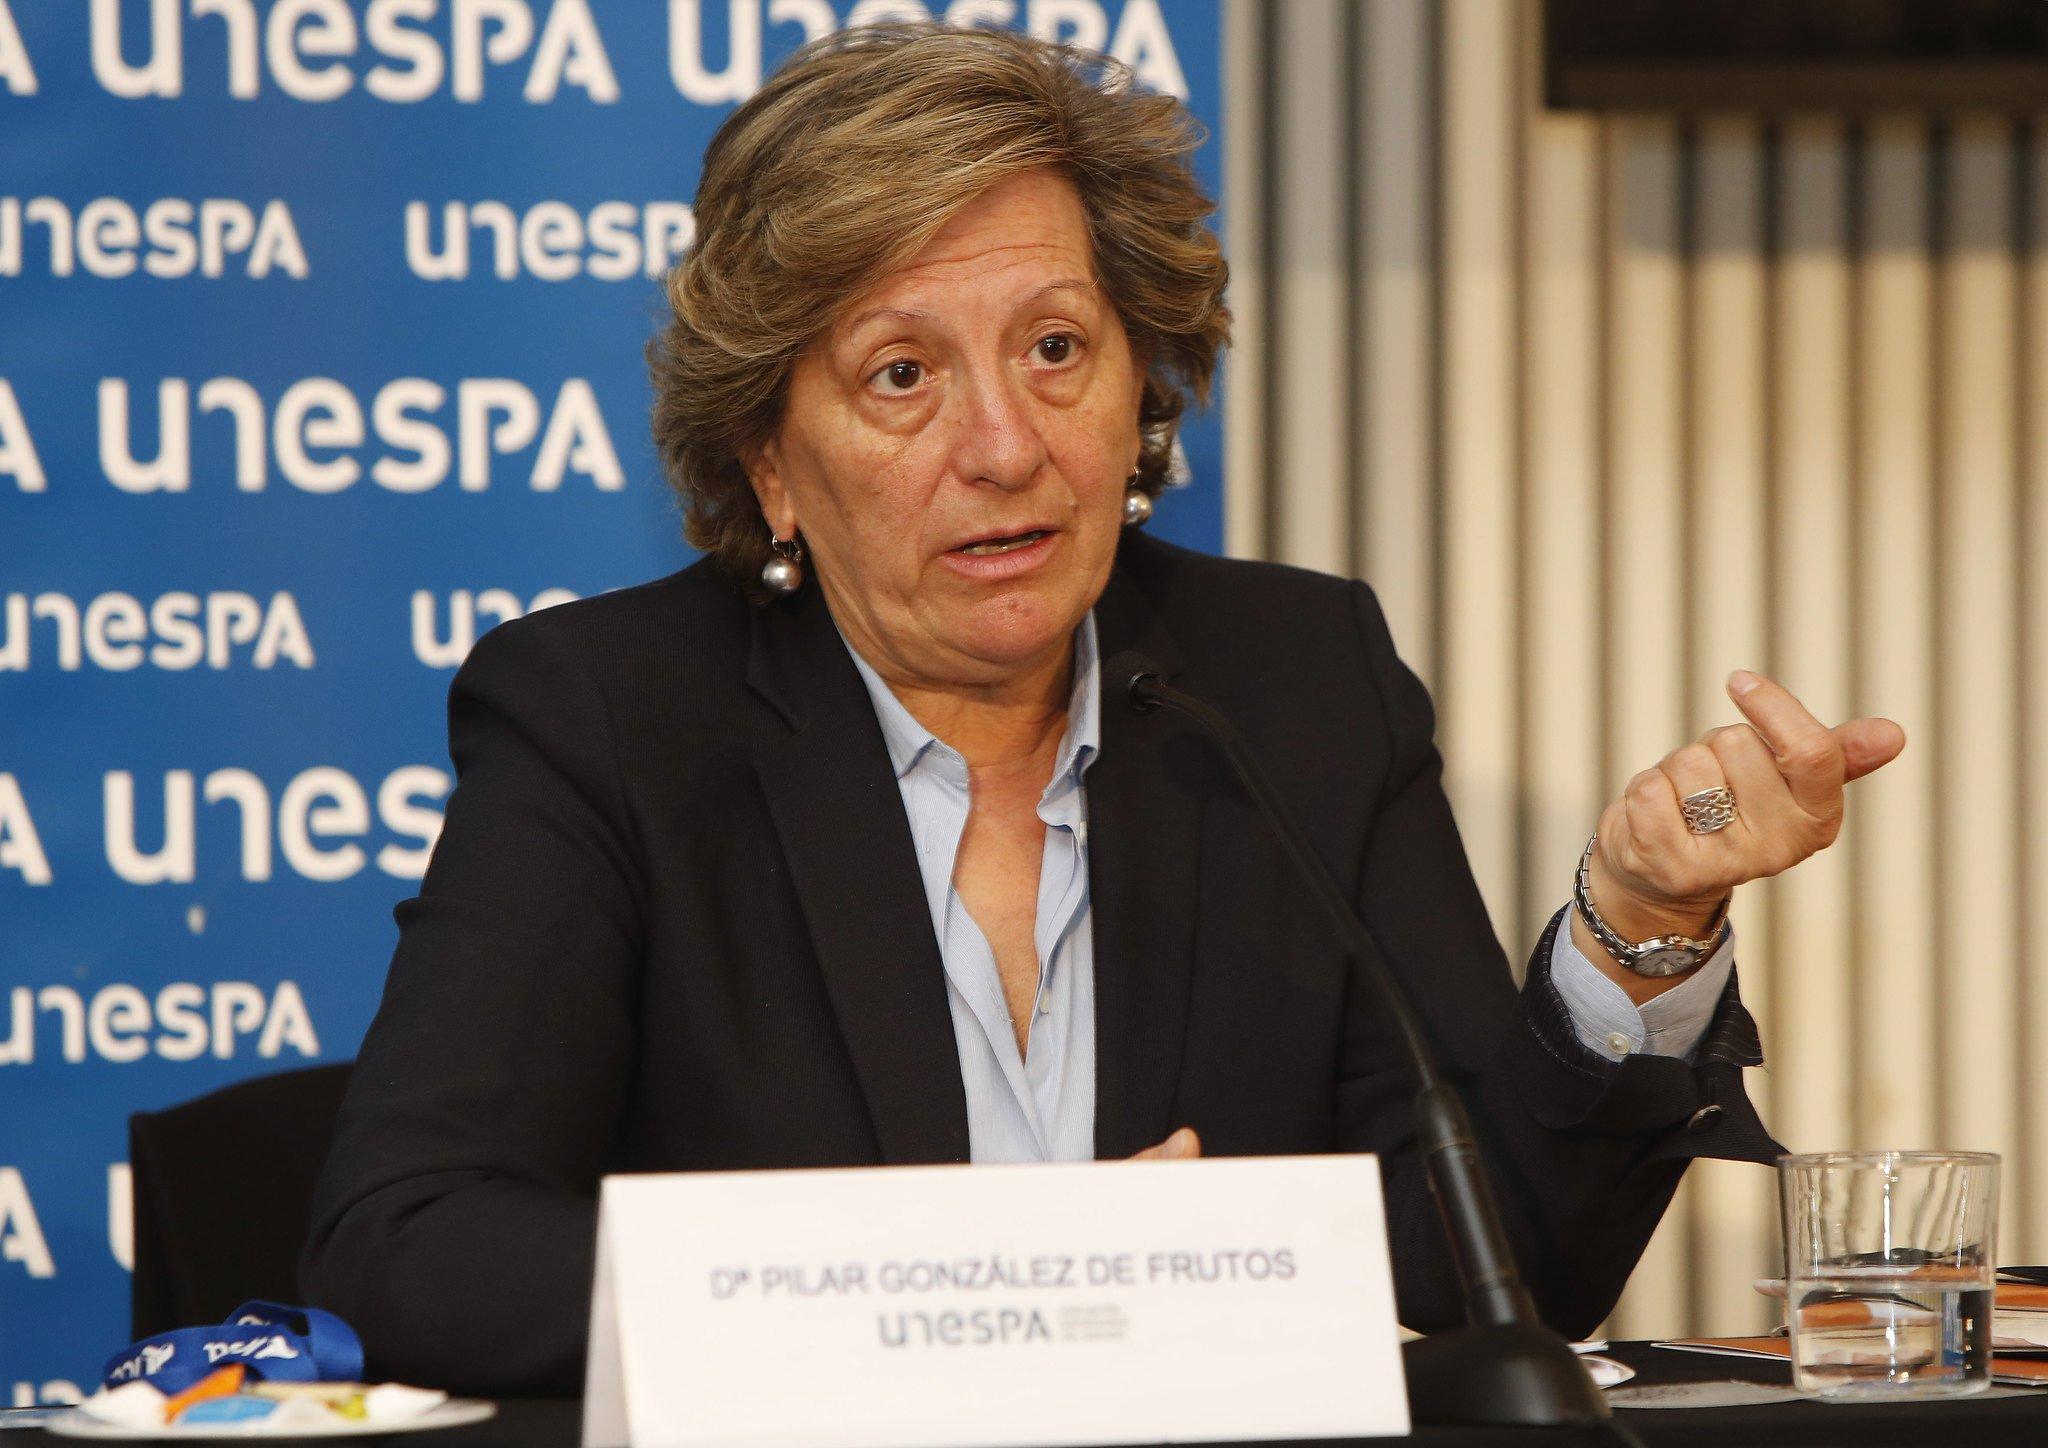 """La presidenta de Unespa, Pilar González de Frutos, califica 2019 de ejercicio """"prácticamente plano"""""""